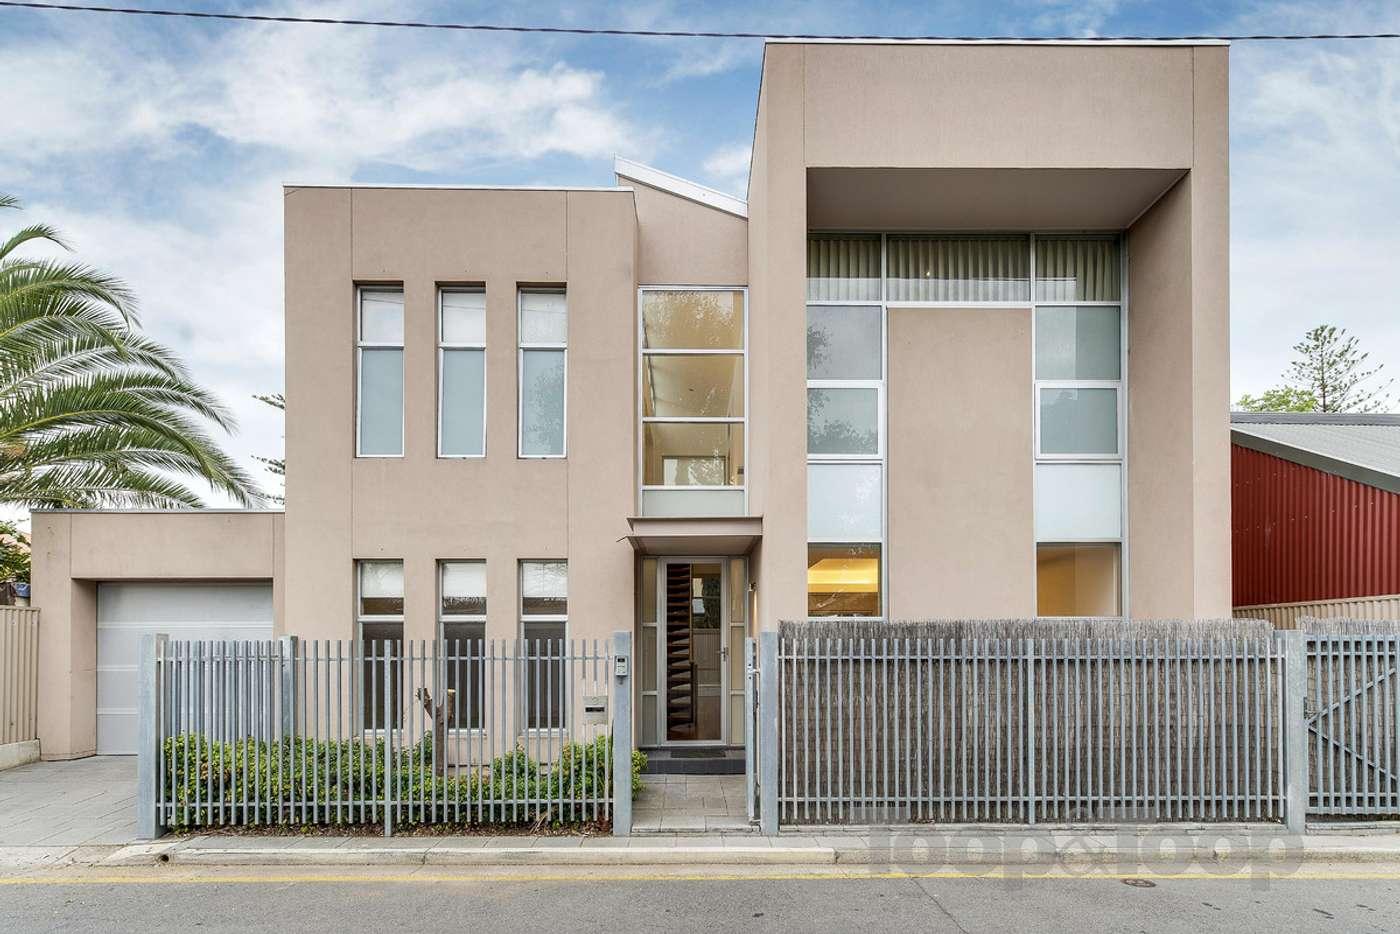 Main view of Homely house listing, 3 Eitzen Street, Glenelg SA 5045